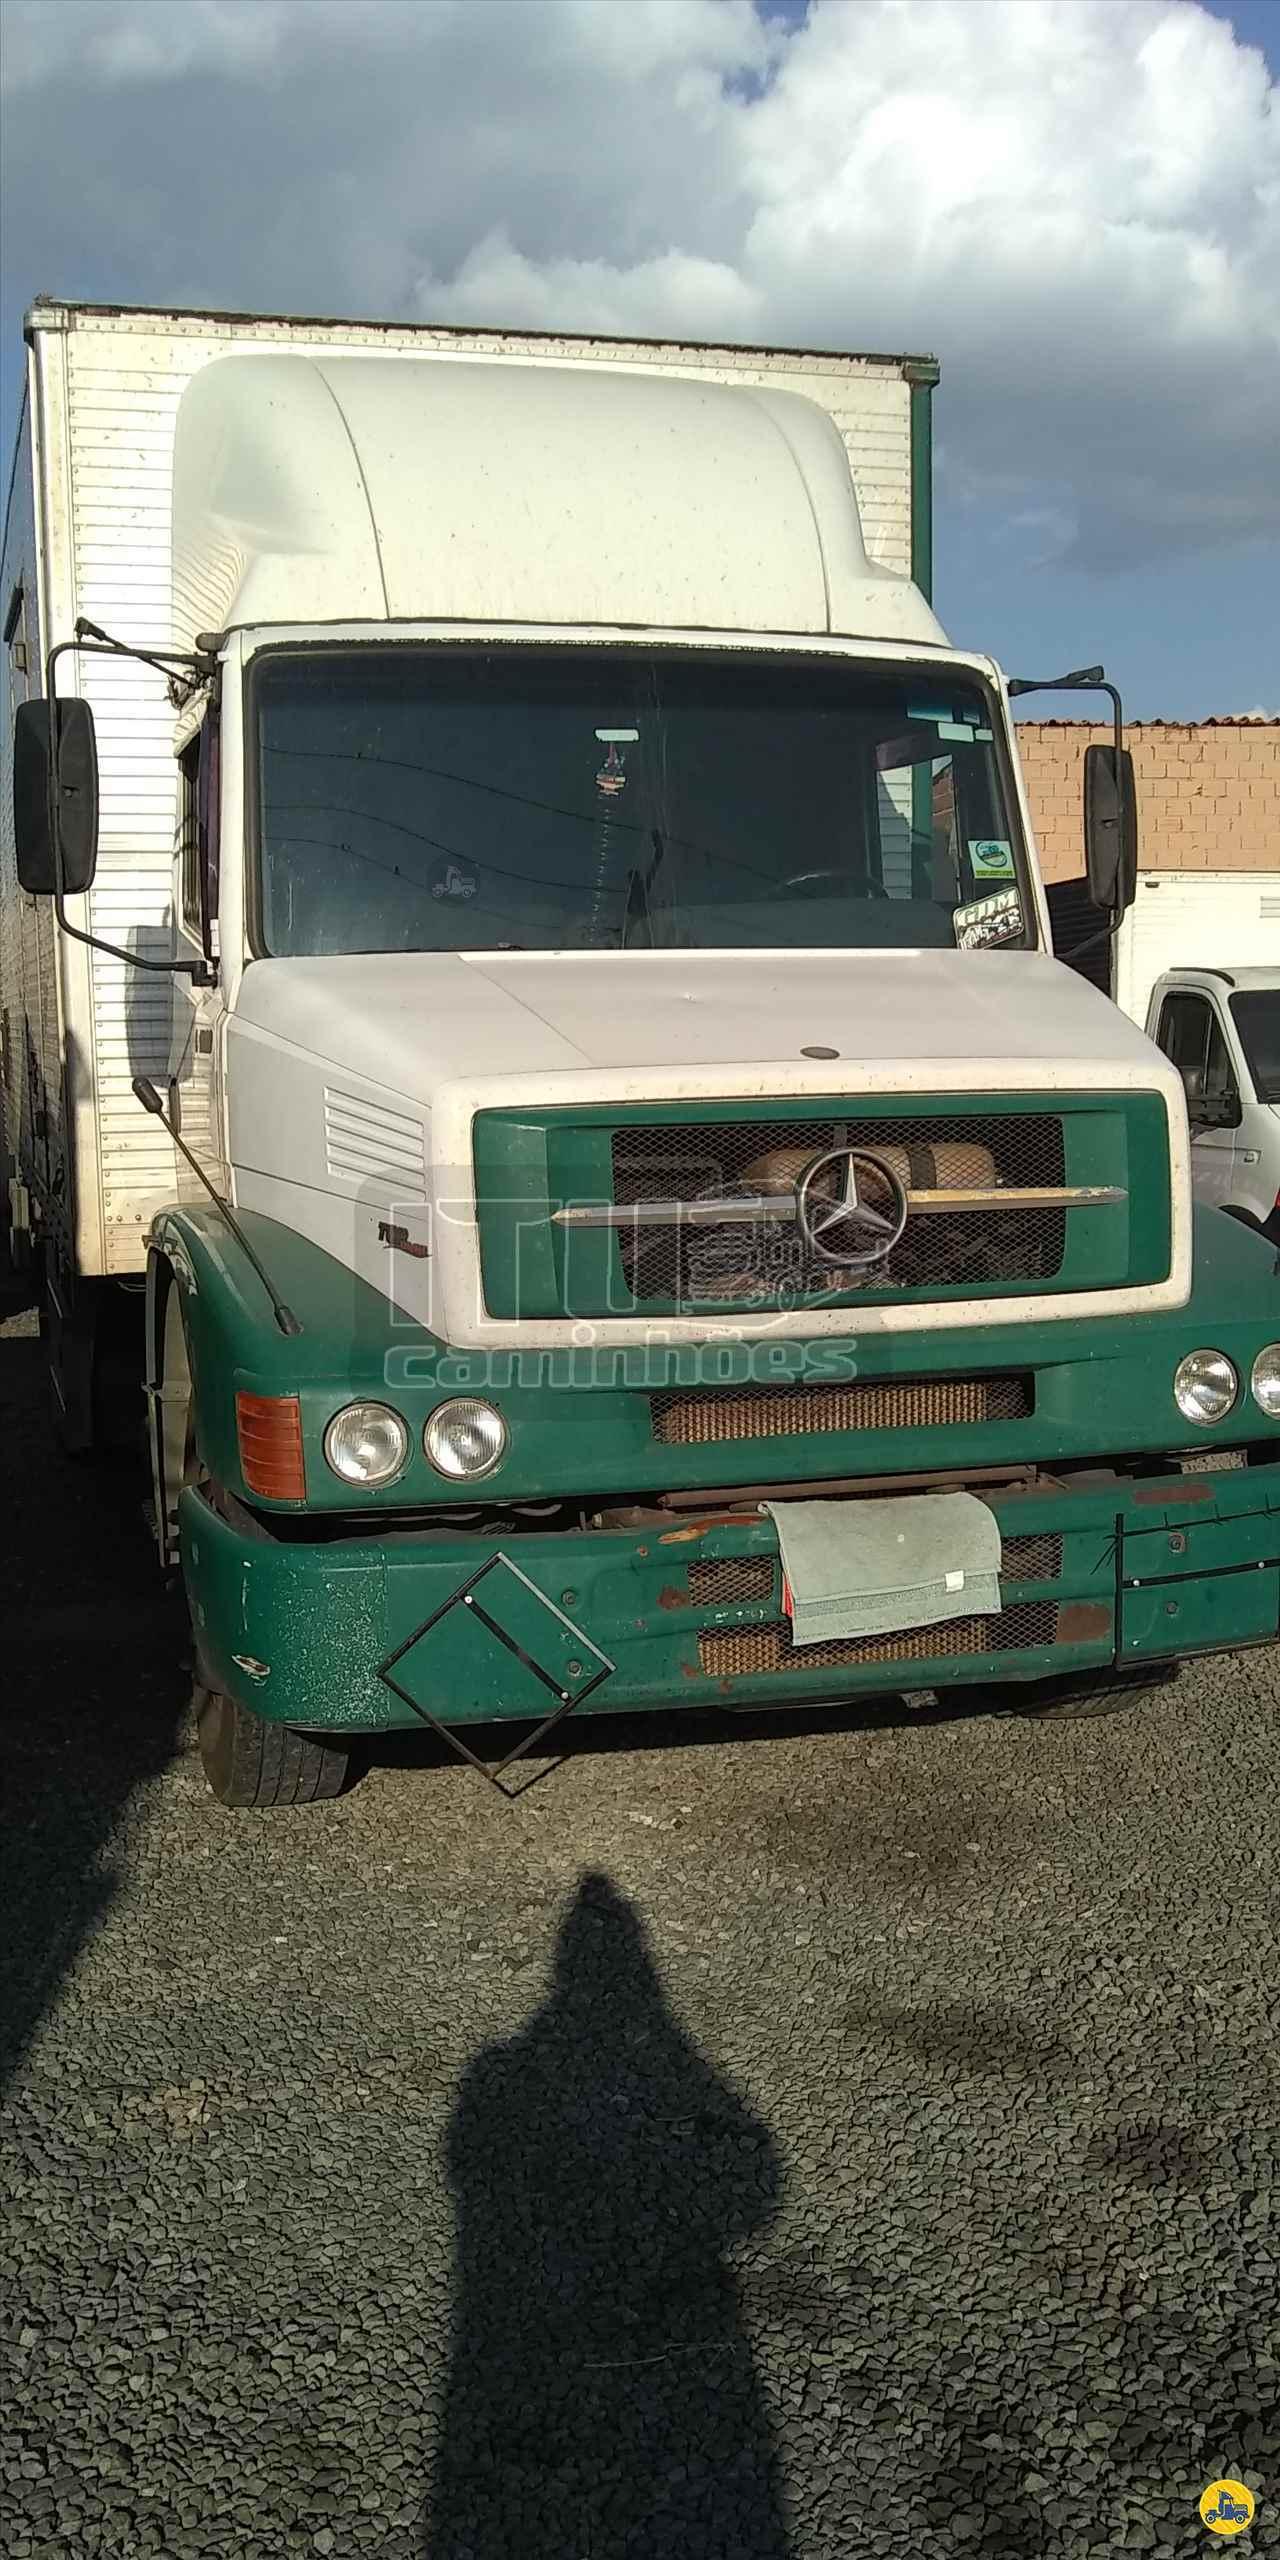 CAMINHAO MERCEDES-BENZ MB 1620 Baú Furgão Truck 6x2 Itu Caminhoes ITU SÃO PAULO SP